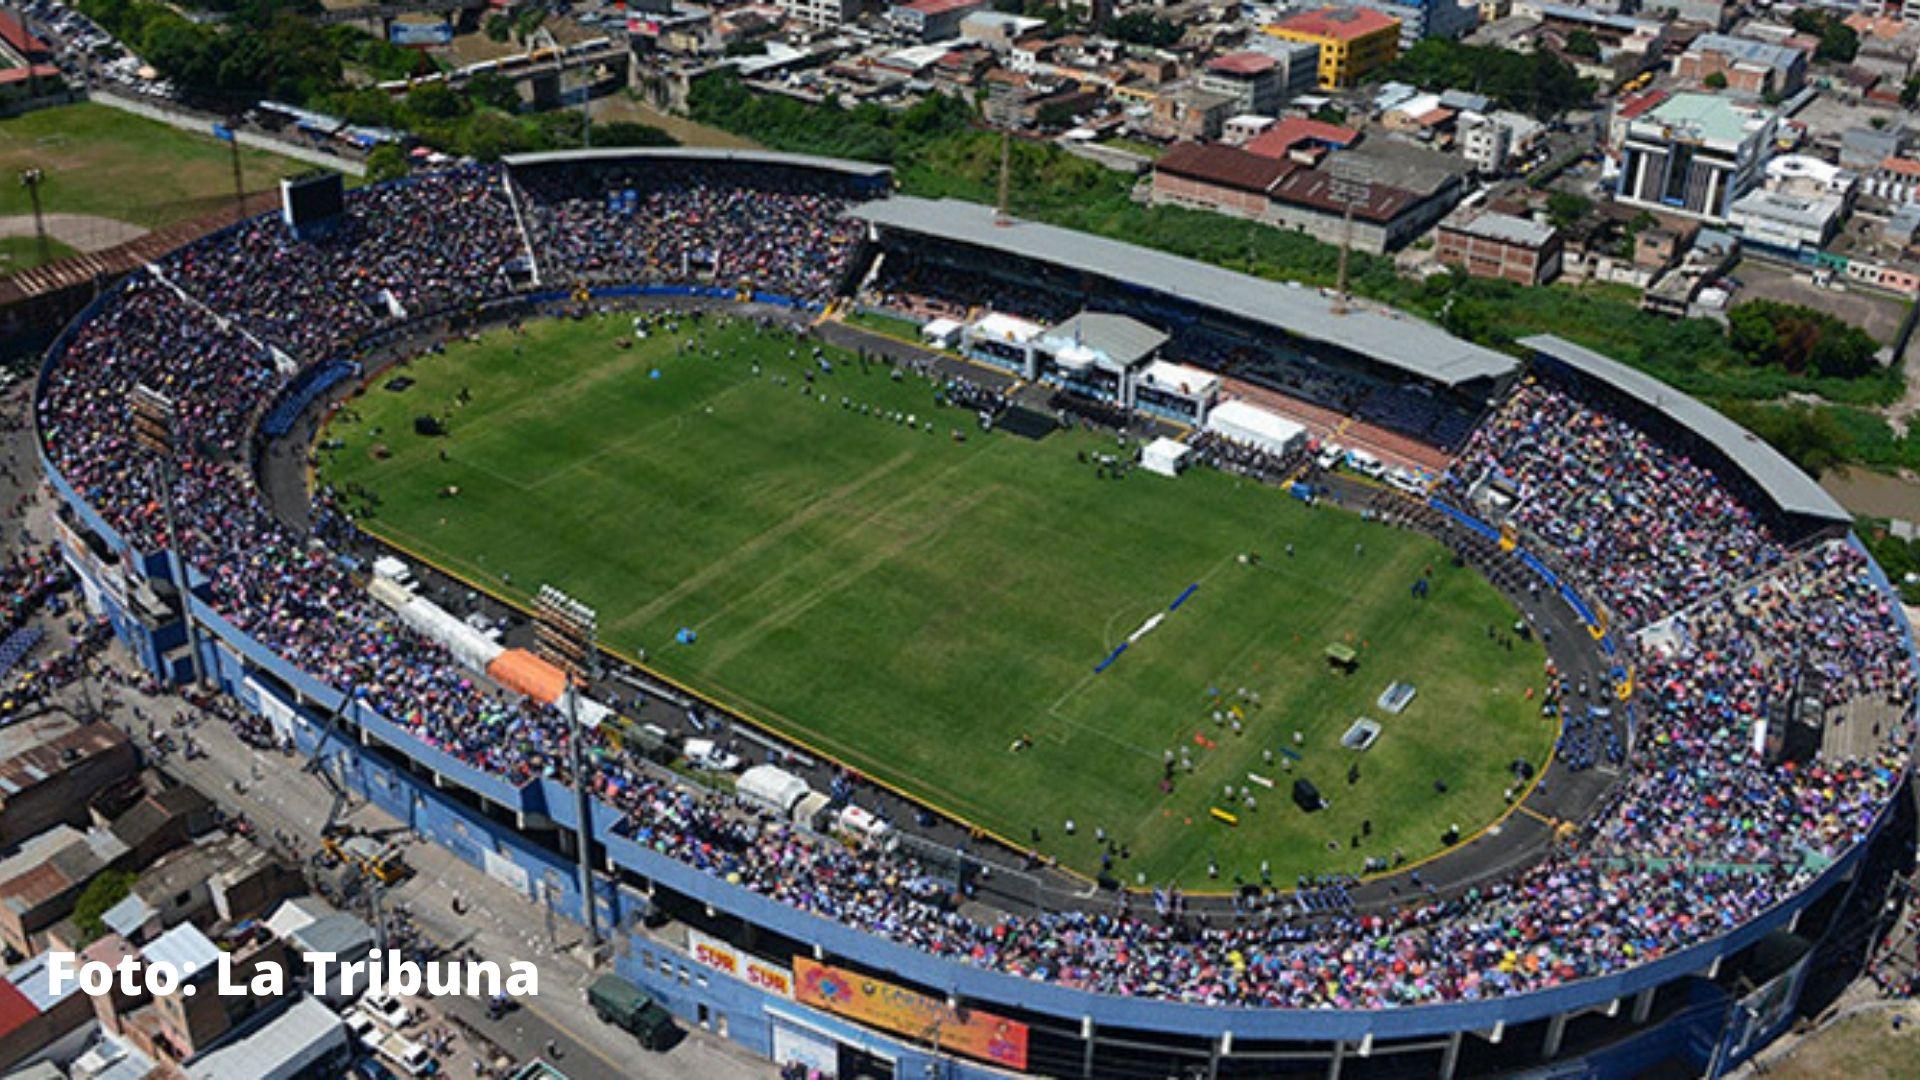 Cuatro mil personas se presentarán al Estadio Nacional para conmemorar el Bicentenario bajo fuertes medidas de bioseguridad